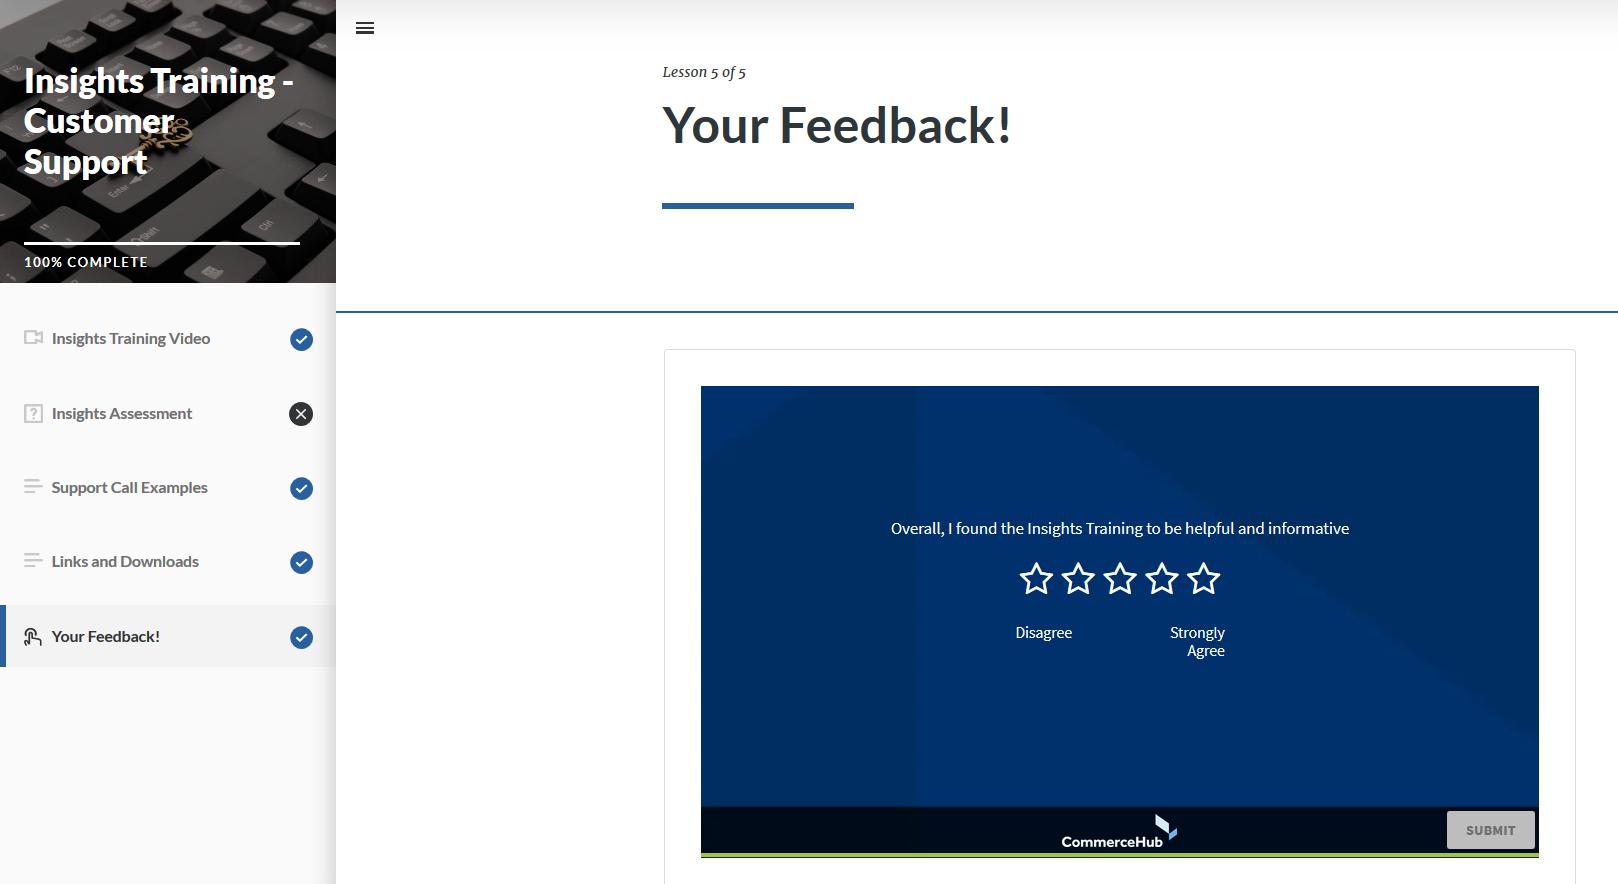 Embedded Survey (GetFeedback, Single Question)